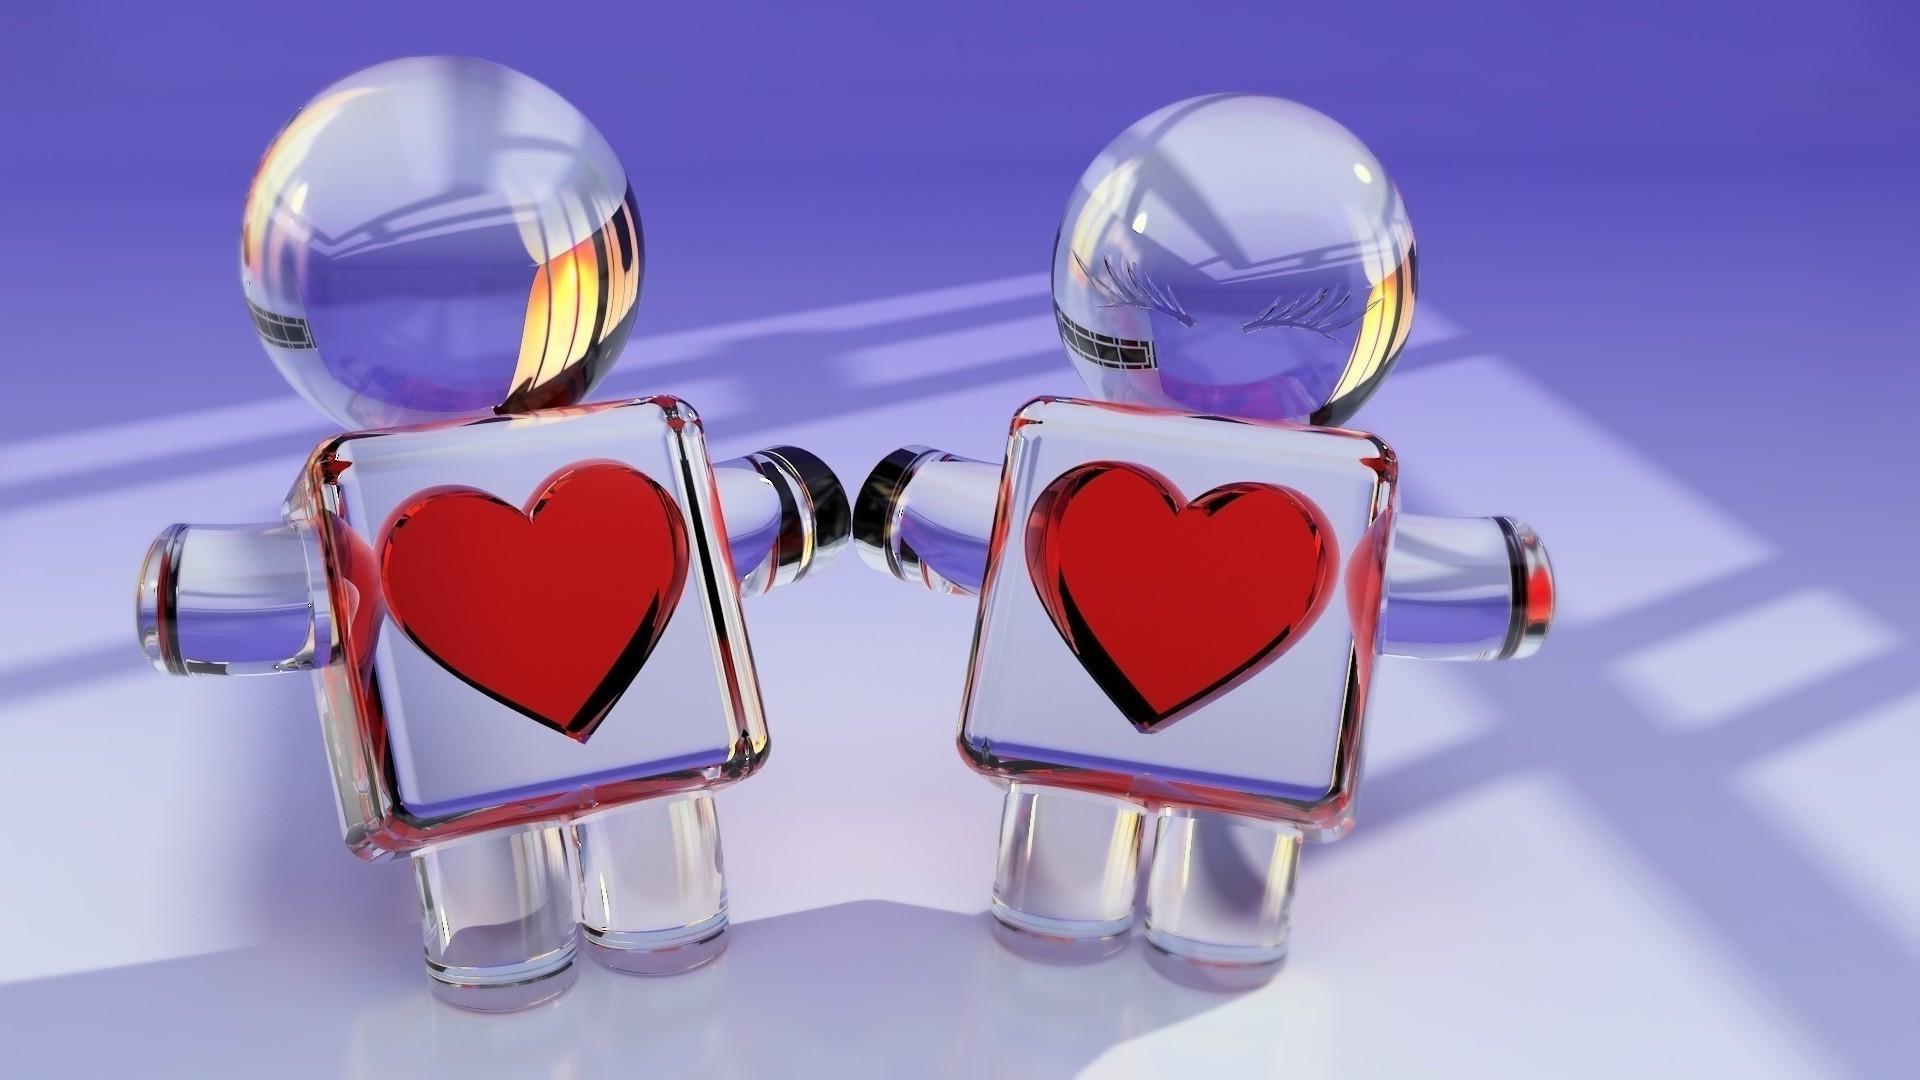 3д обои для рабочего стола любовь № 562634  скачать